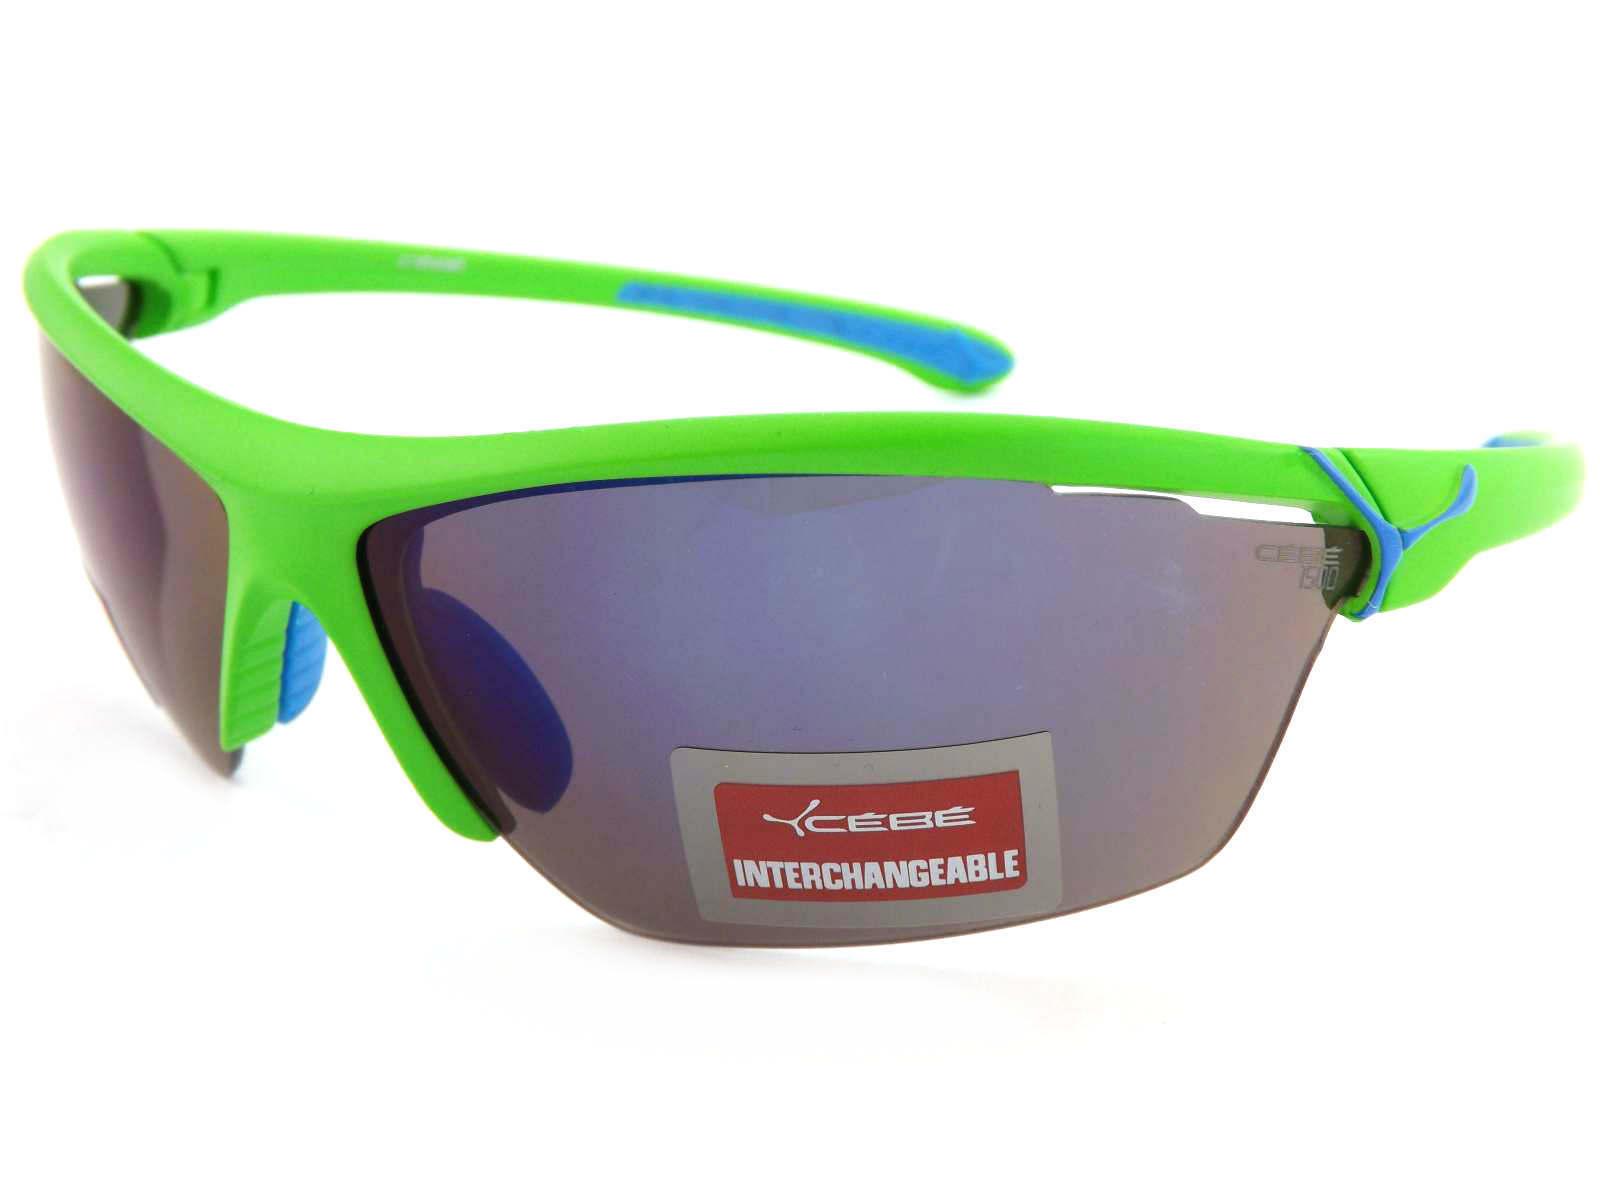 CEBE Cinetik 12 Linse Sonnenbrille grün/grau blau Blitz Spiegel + gelb + Klar